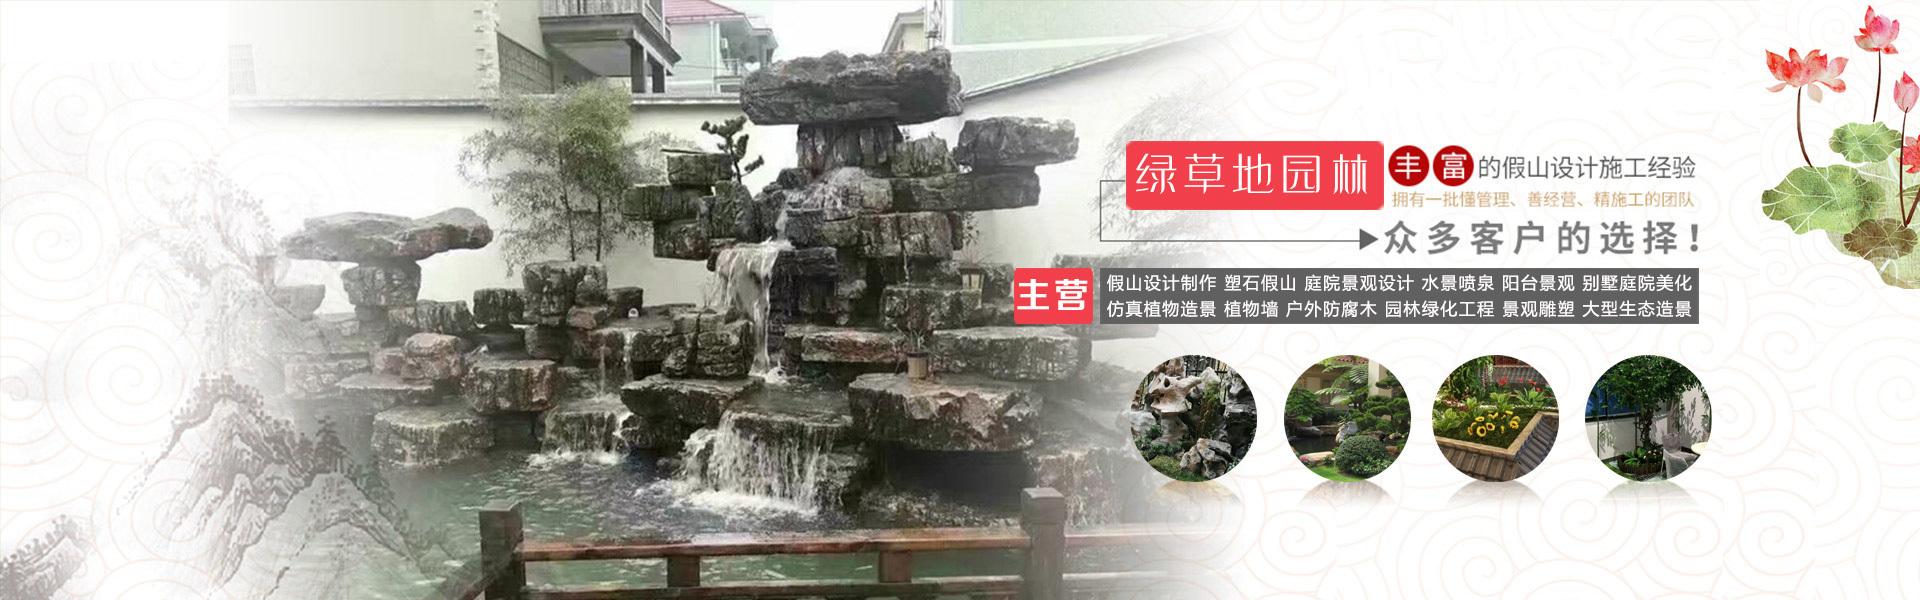 合肥水景喷泉